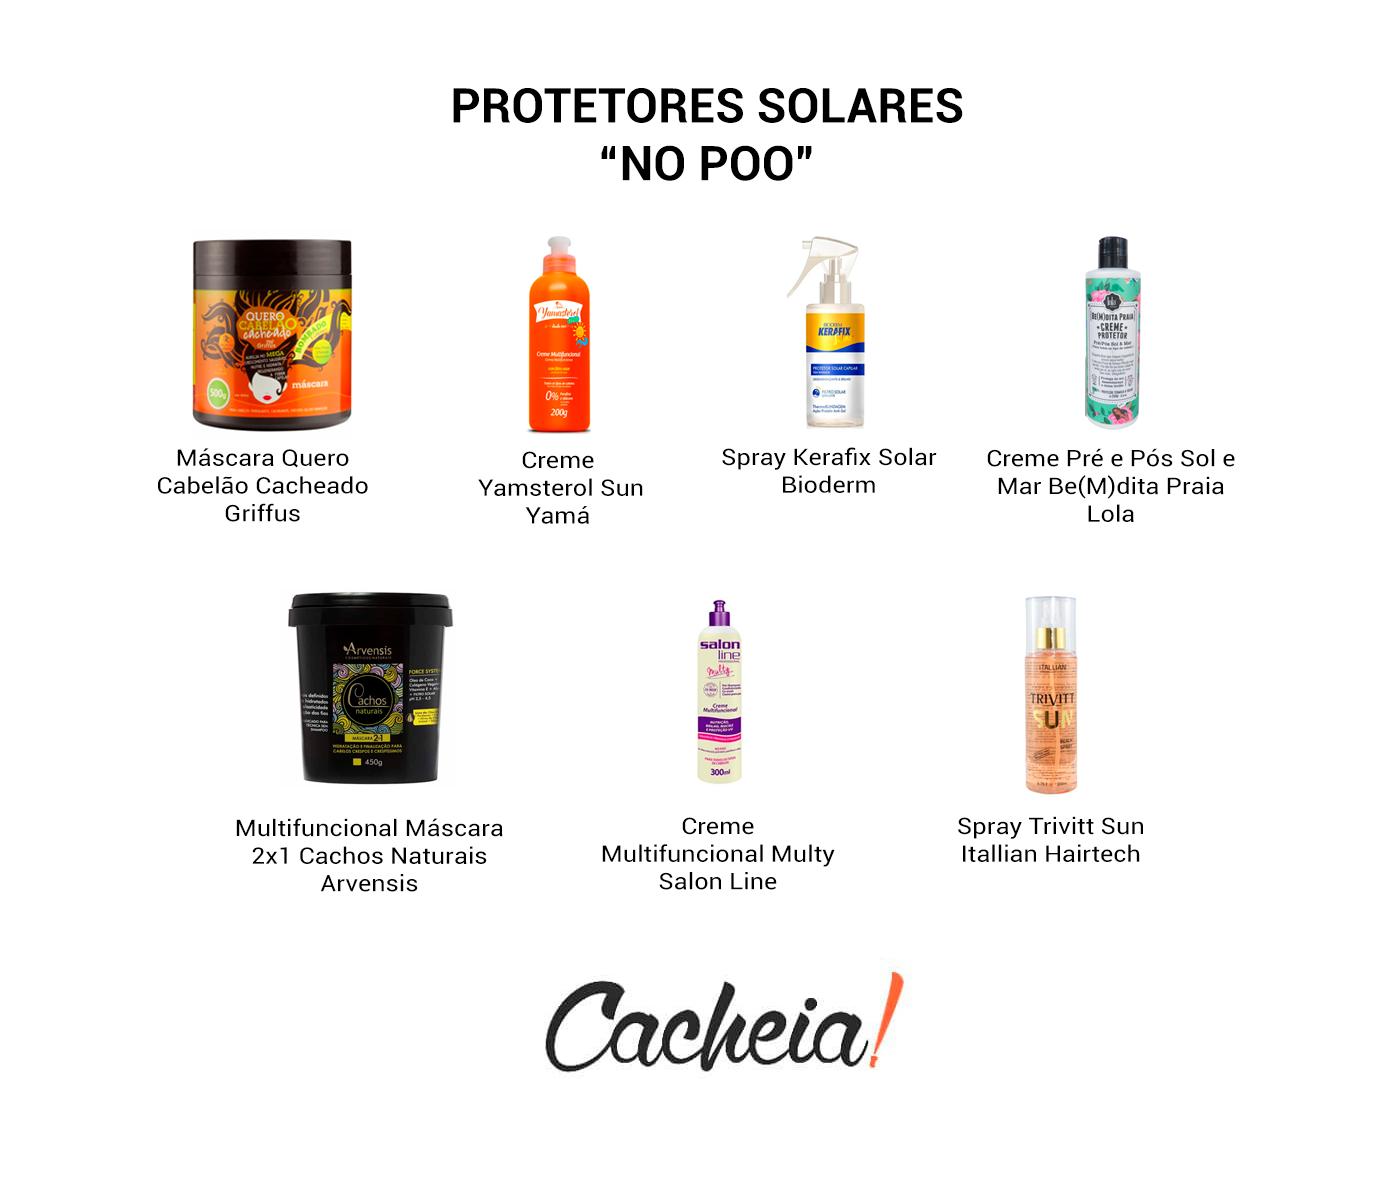 Produtos com Proteção Solar Liberados para No Poo e Low Poo